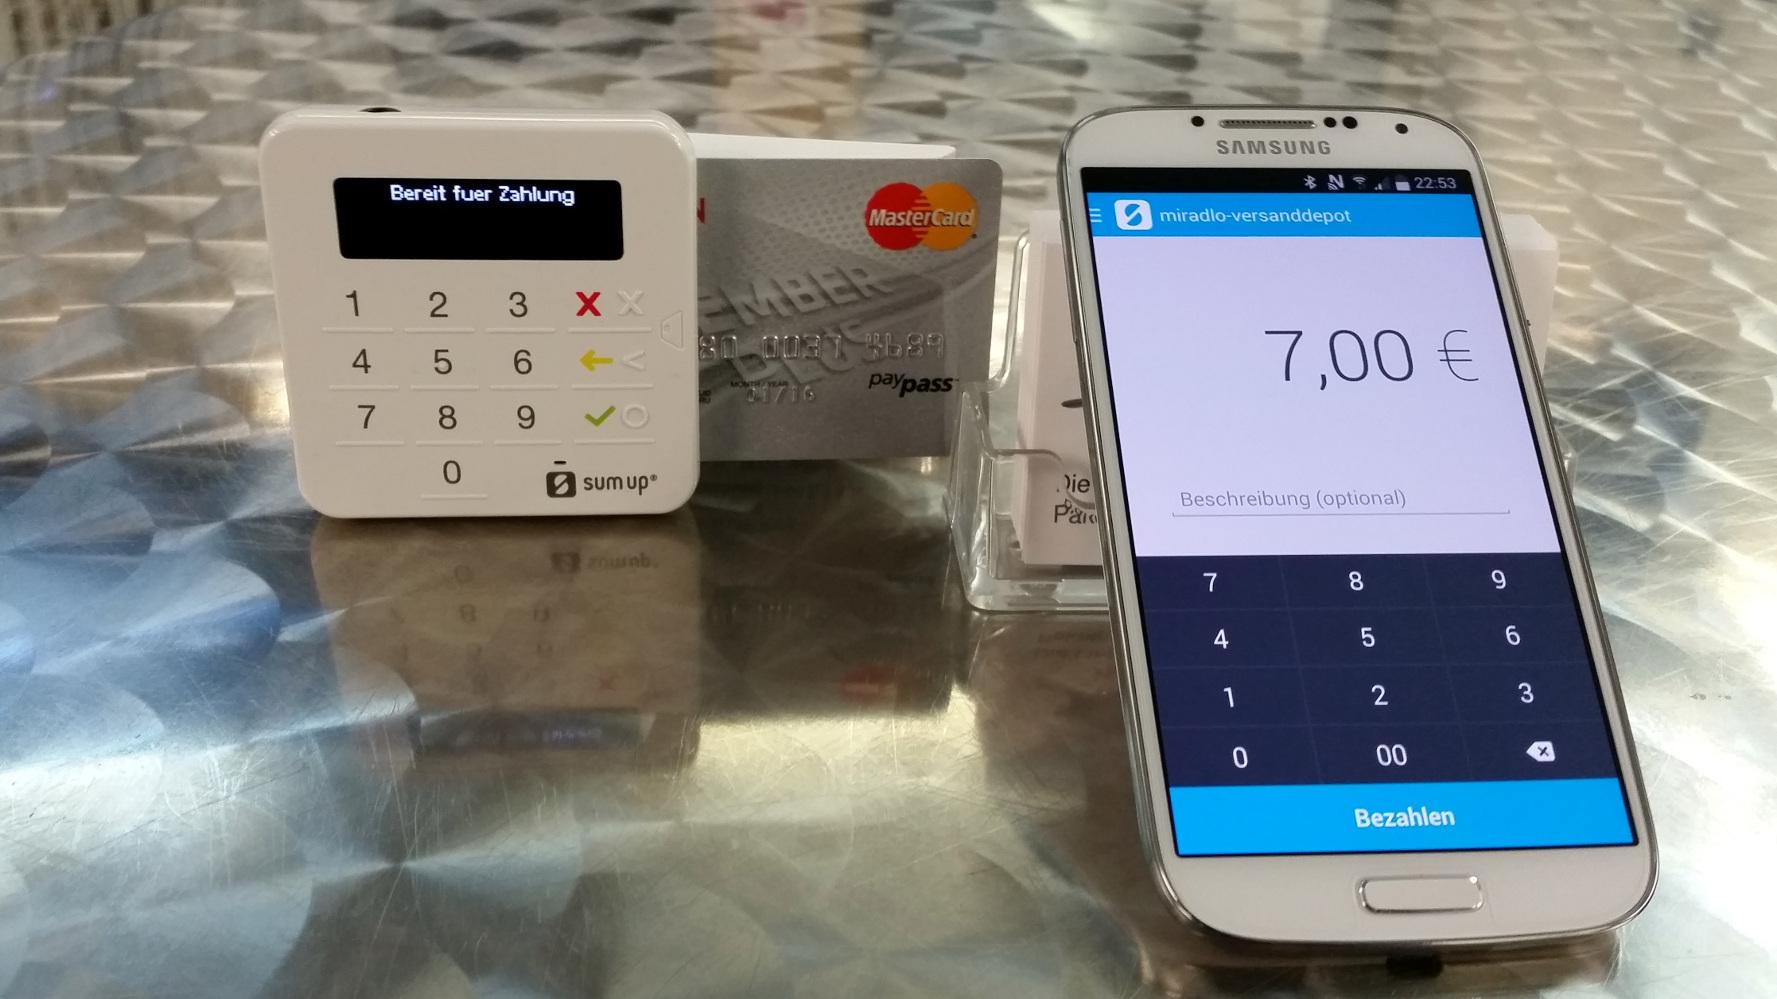 Kreditkarte - Elektronische Zahlung per Karte mit Vor- und Nachteilen des Anbieters Sumup beim miradlo-Versanddepot